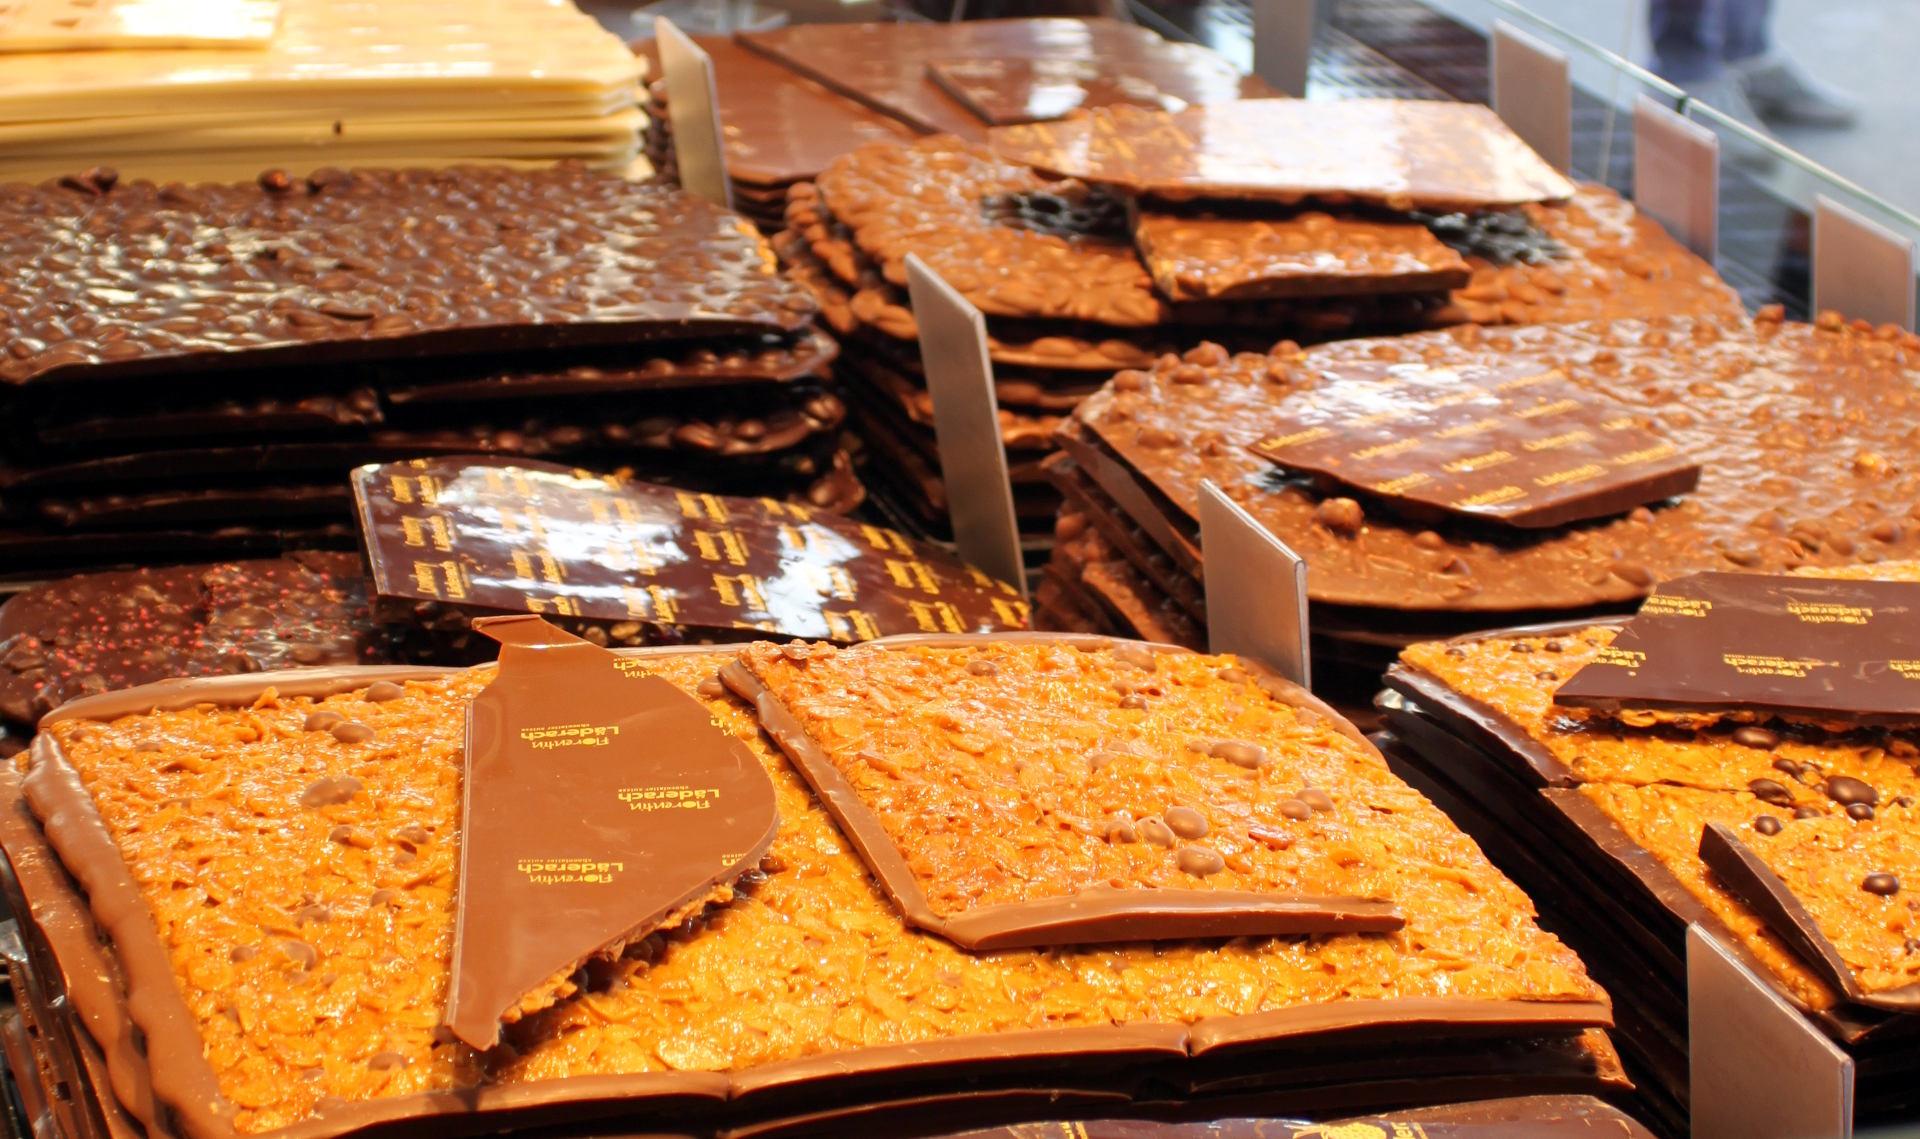 szwajcaria najlepsza czekolada iglawpodrozy